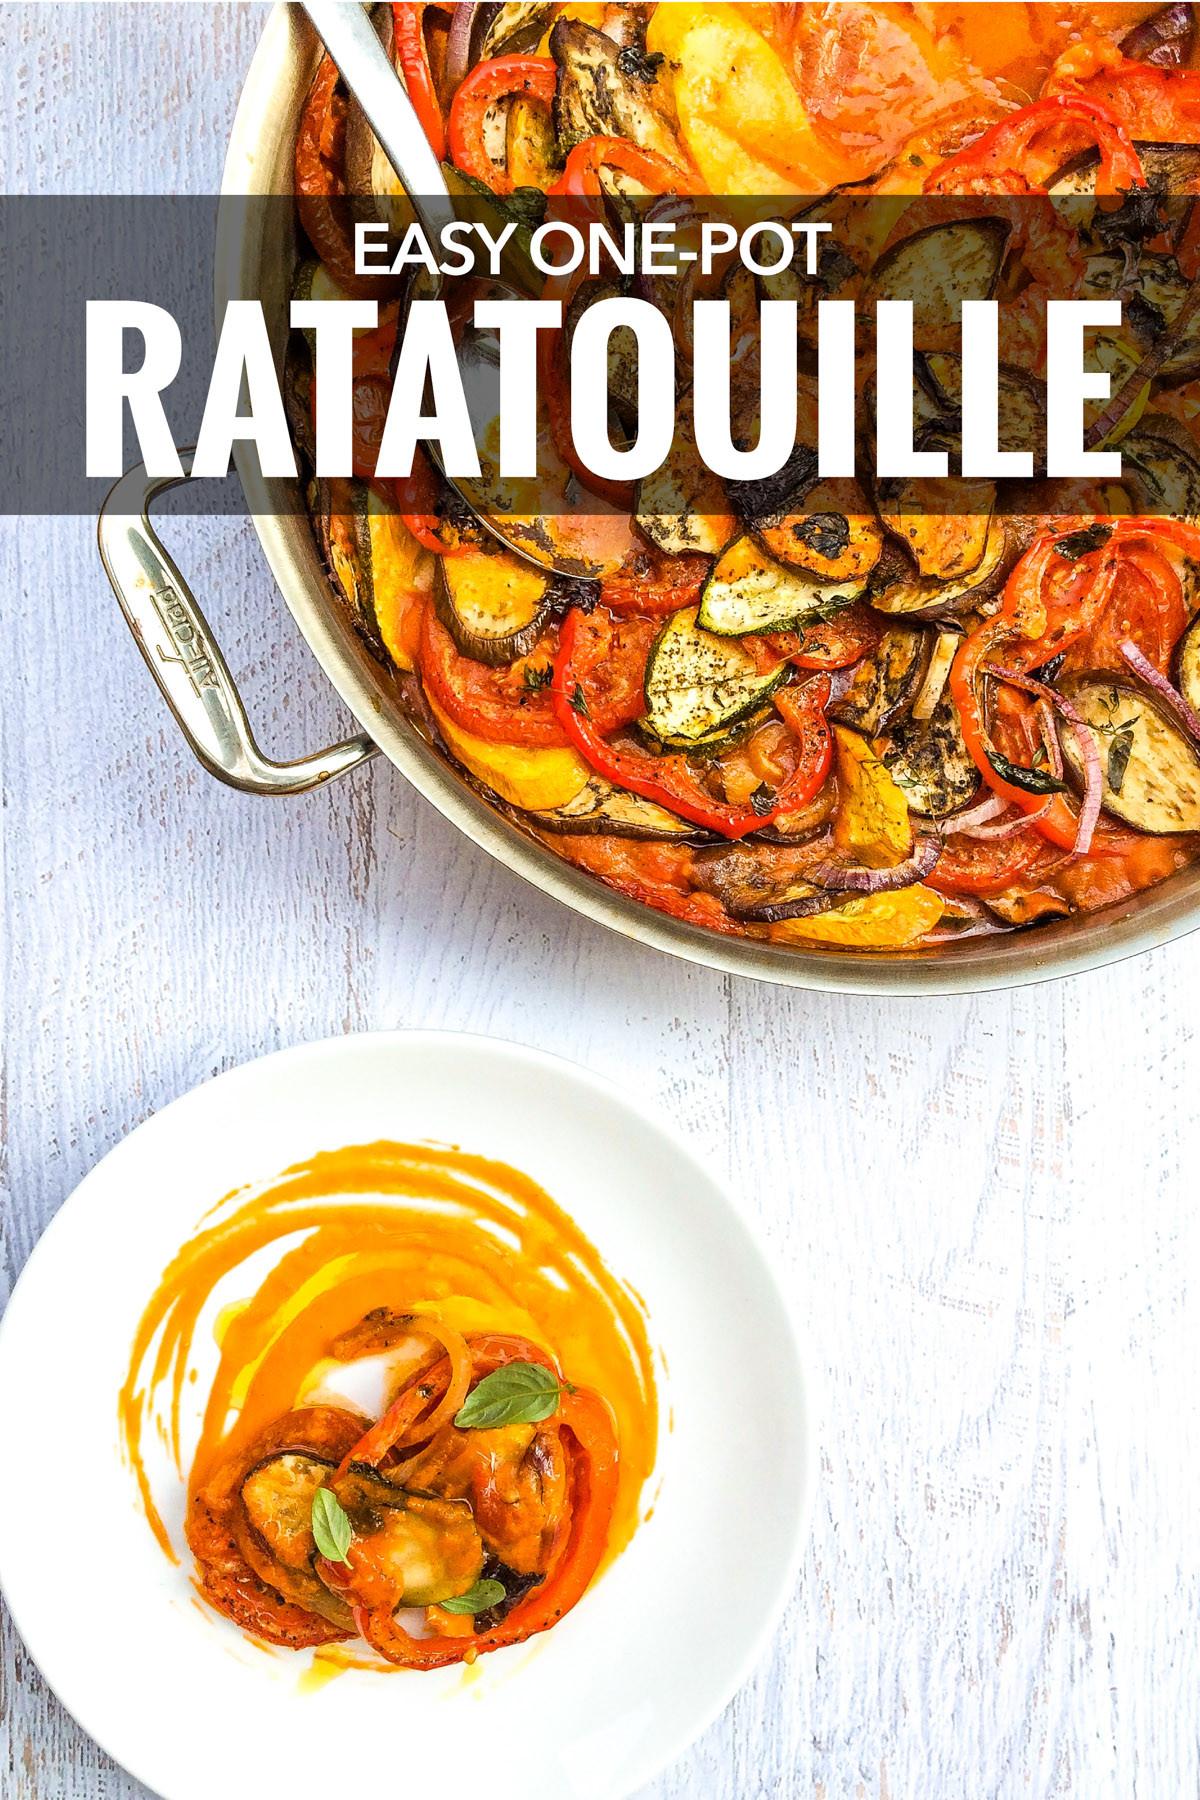 French Summer Recipes  Easy e Pot Classic Ratatouille Recipe